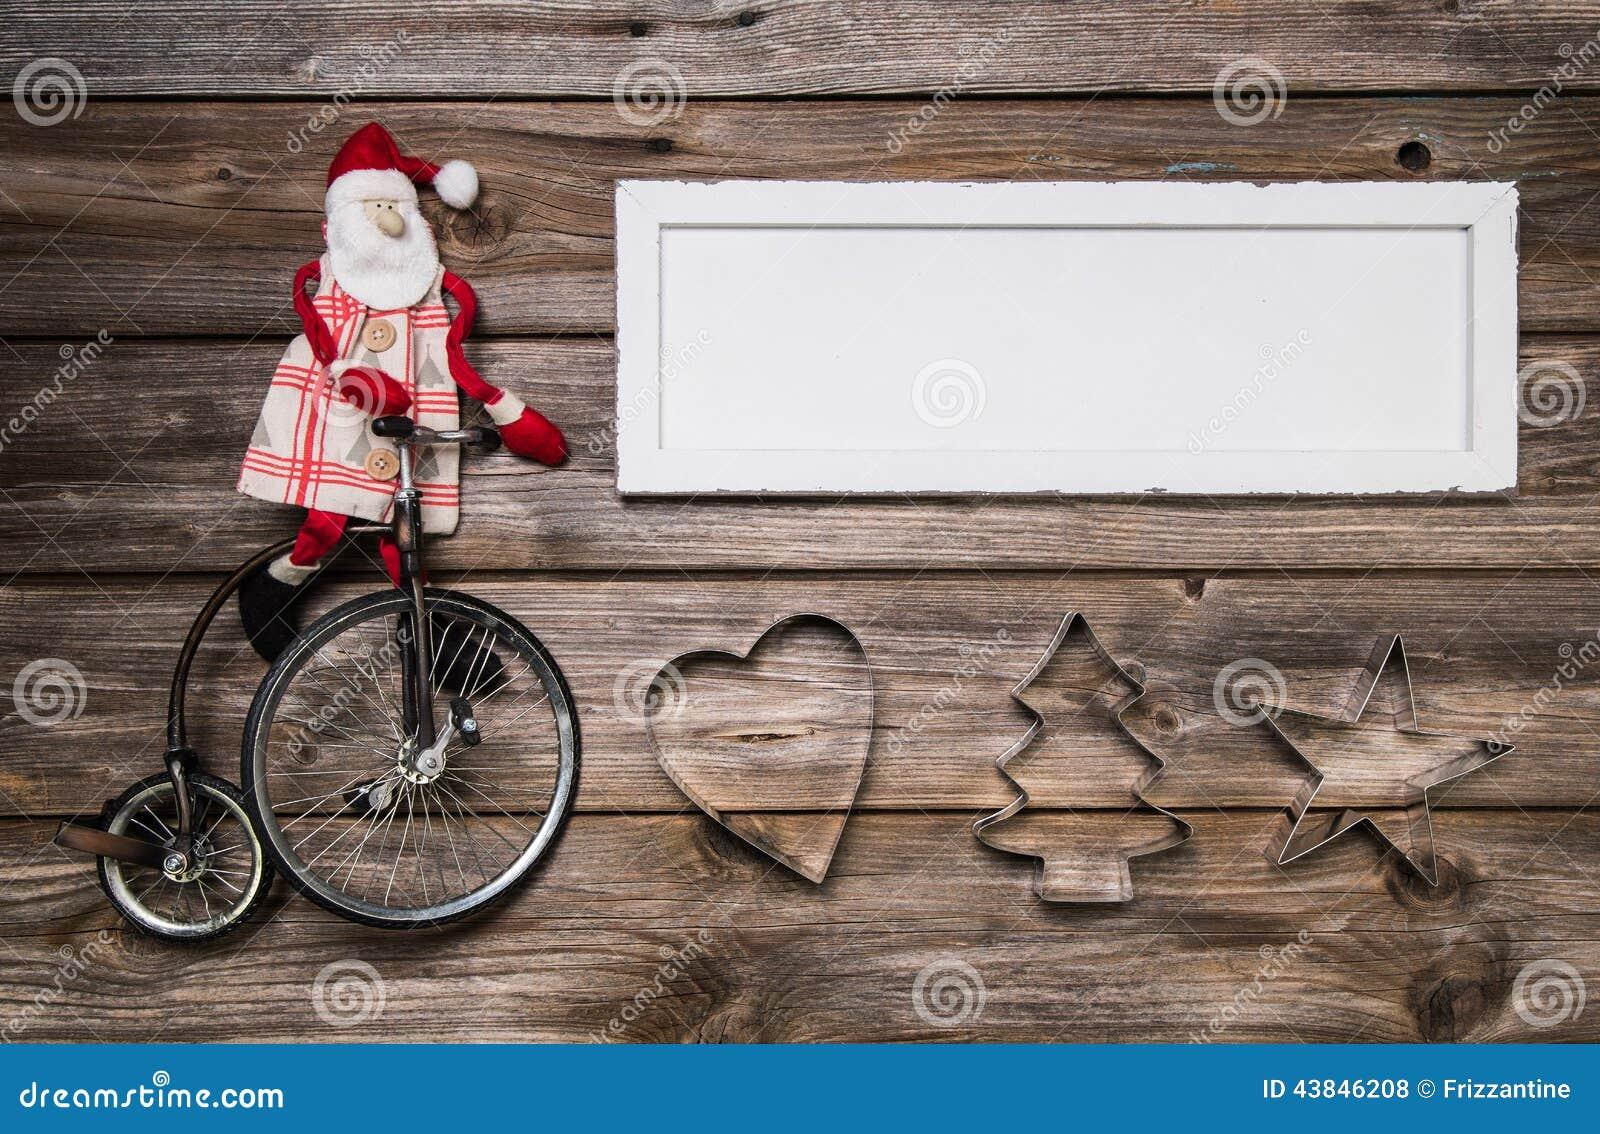 Cartão de Natal ou sinal de propaganda com a decoração vermelha e branca